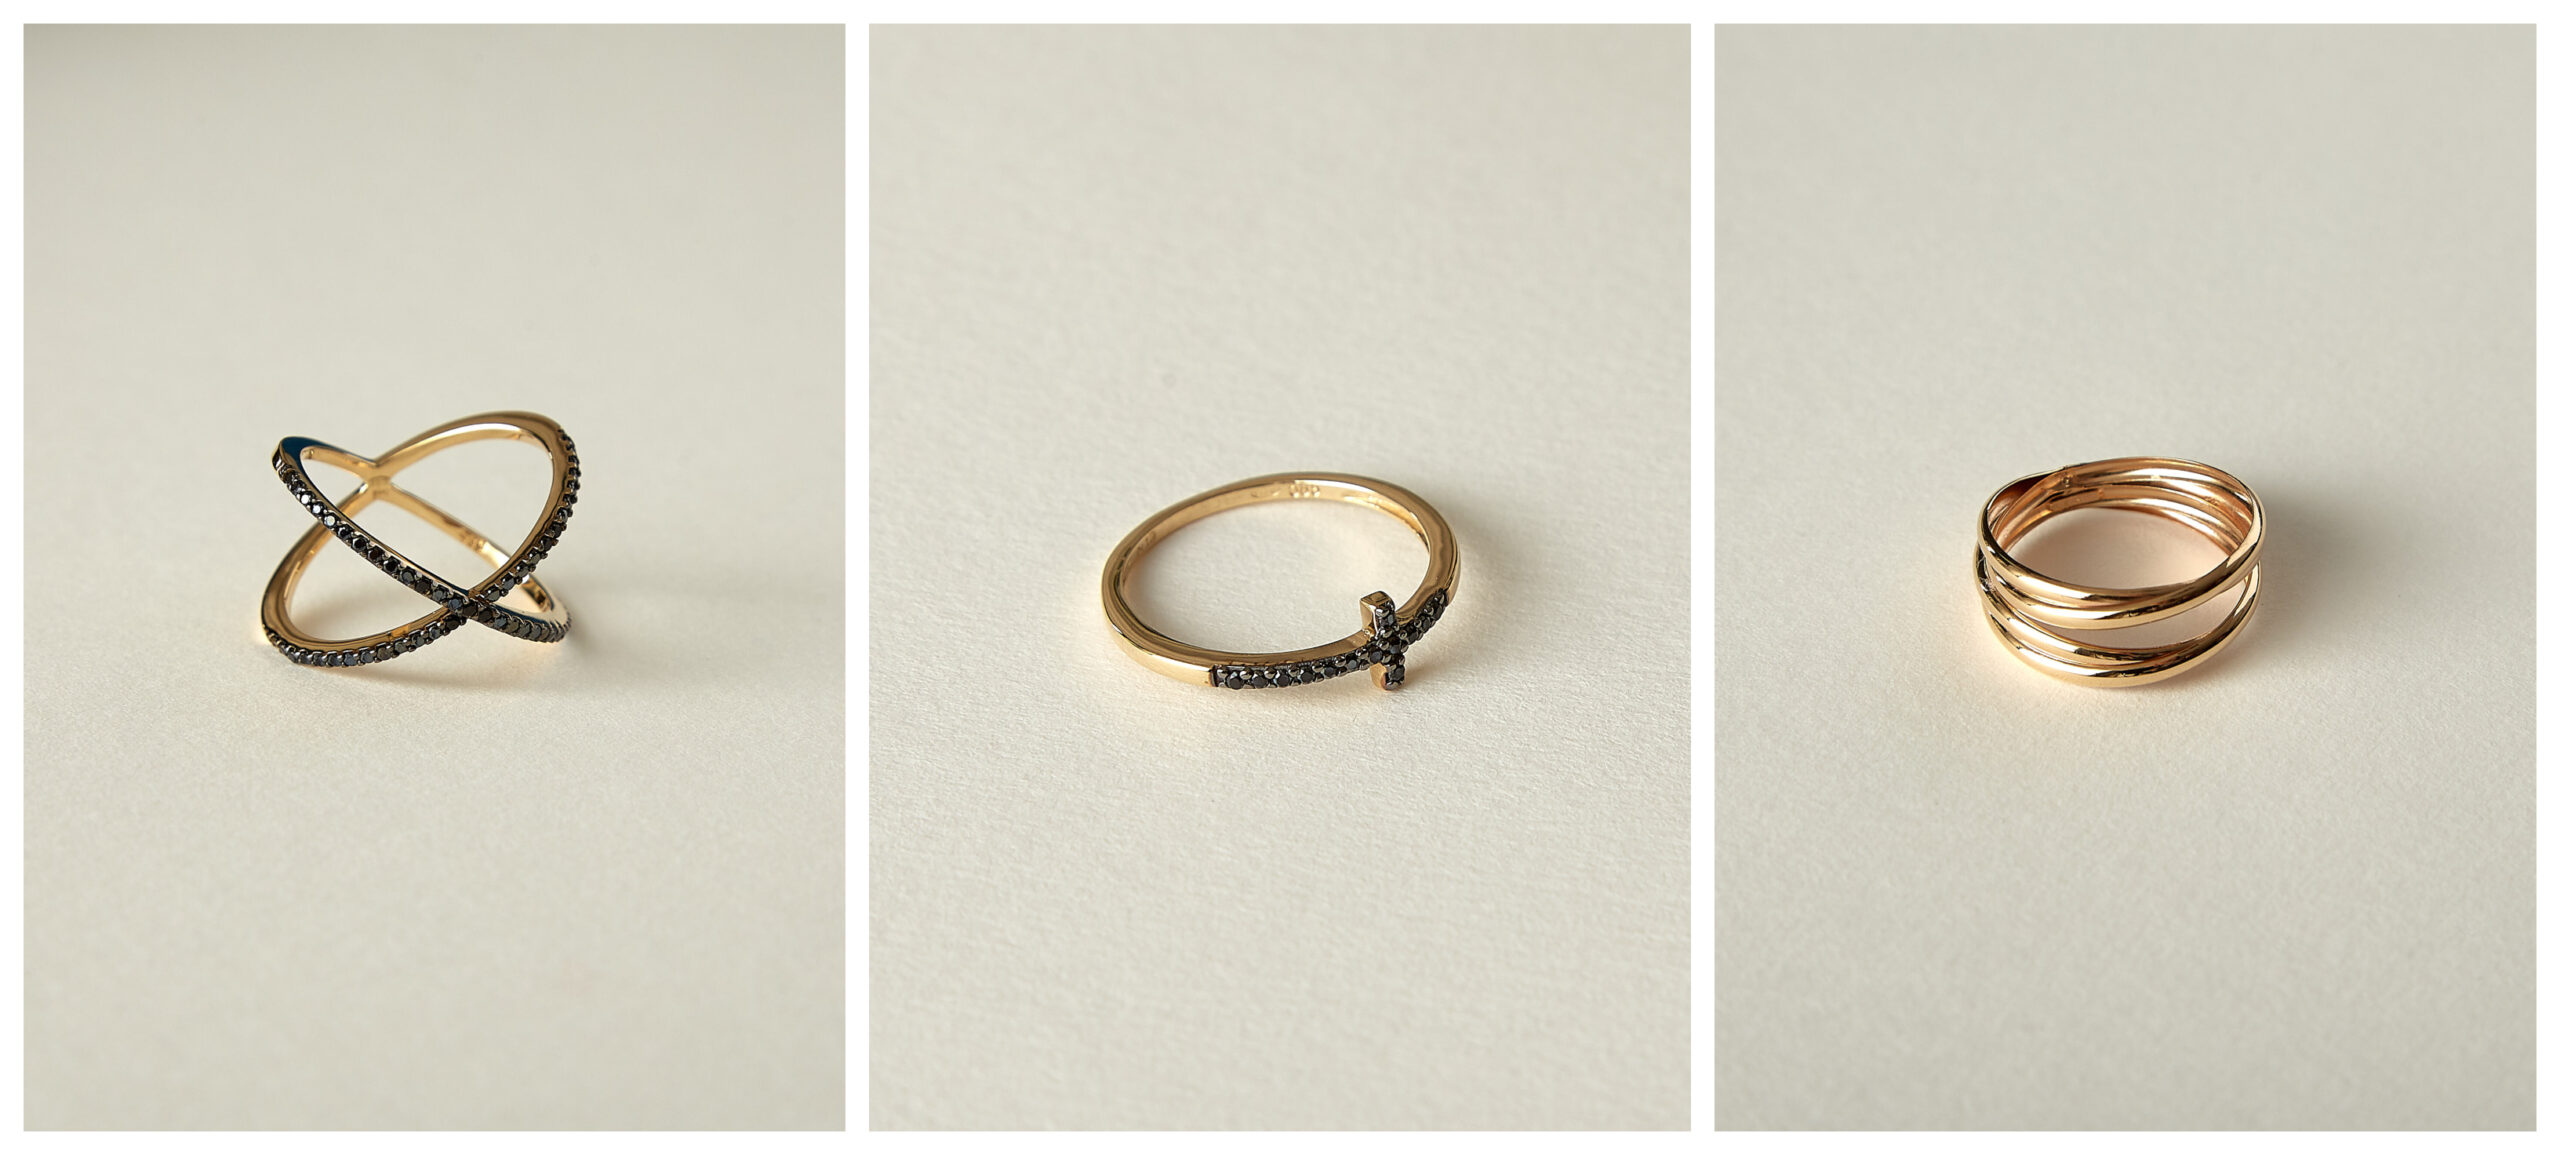 Colaj modele inele din aur minimaliste și abstracte pe fundal bej